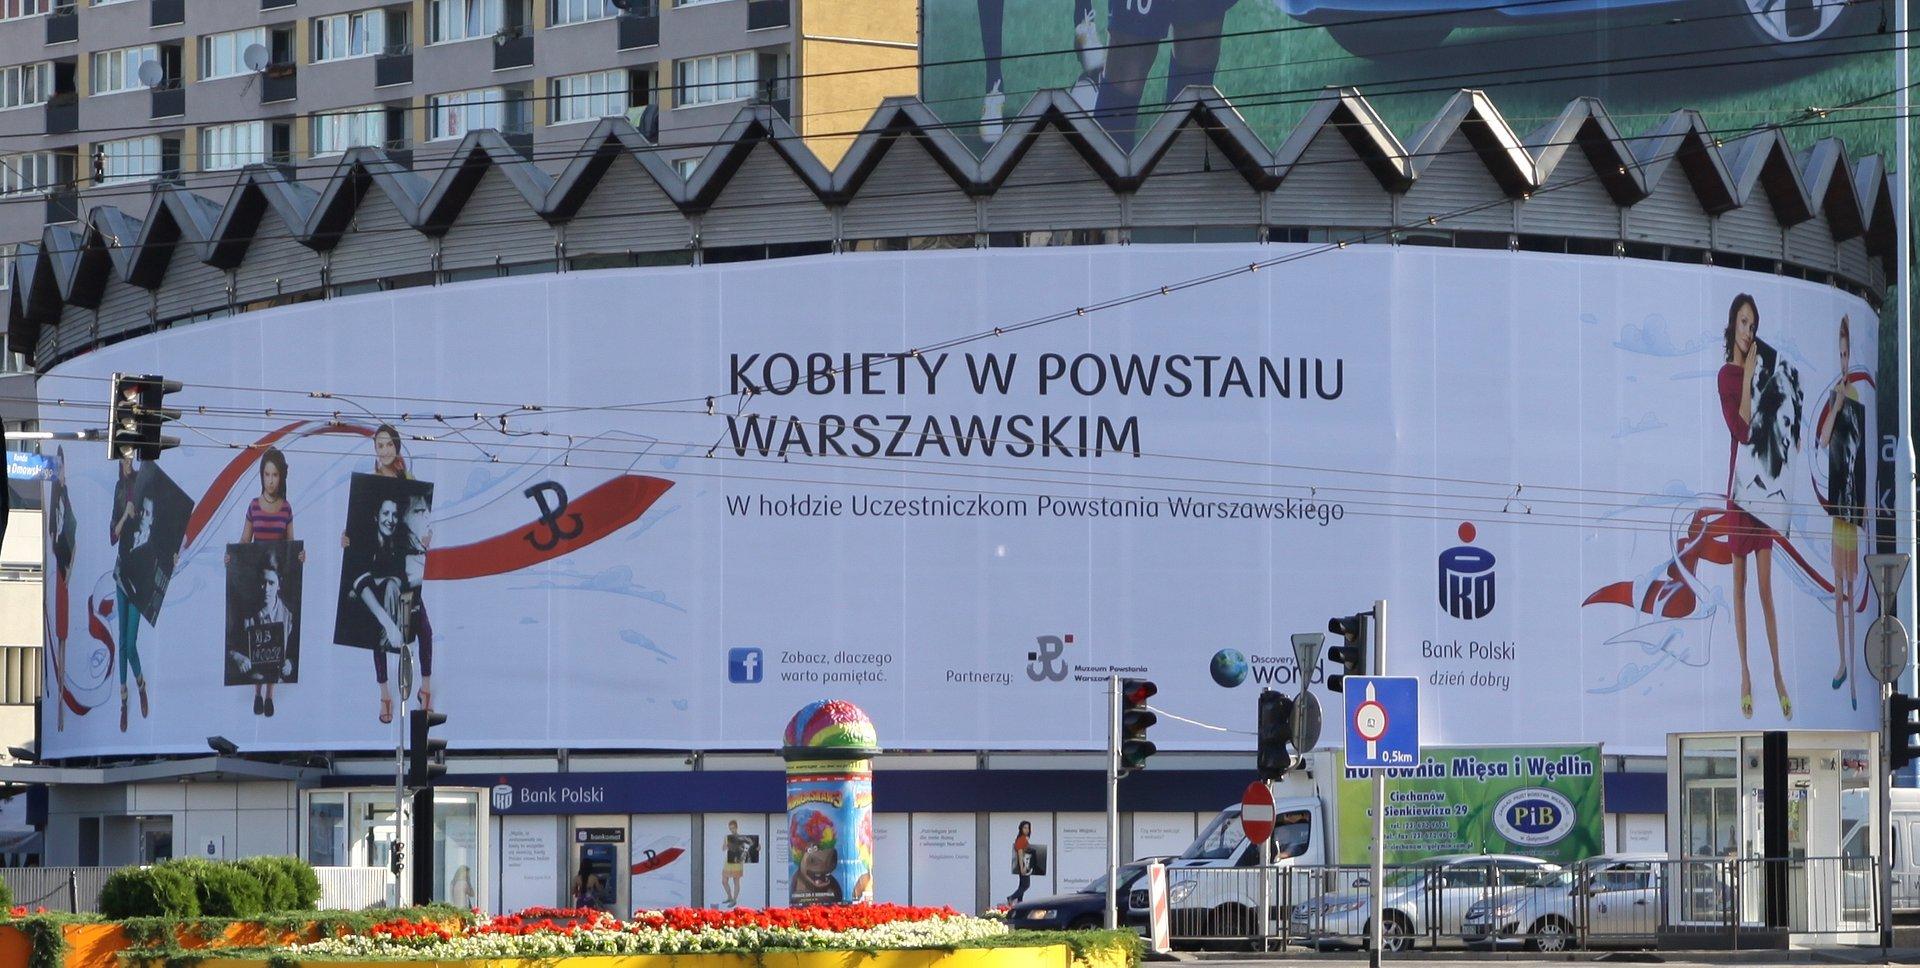 Kobiety-Powstańcy na warszawskiej Rotundzie w 68. rocznicę wydarzeń